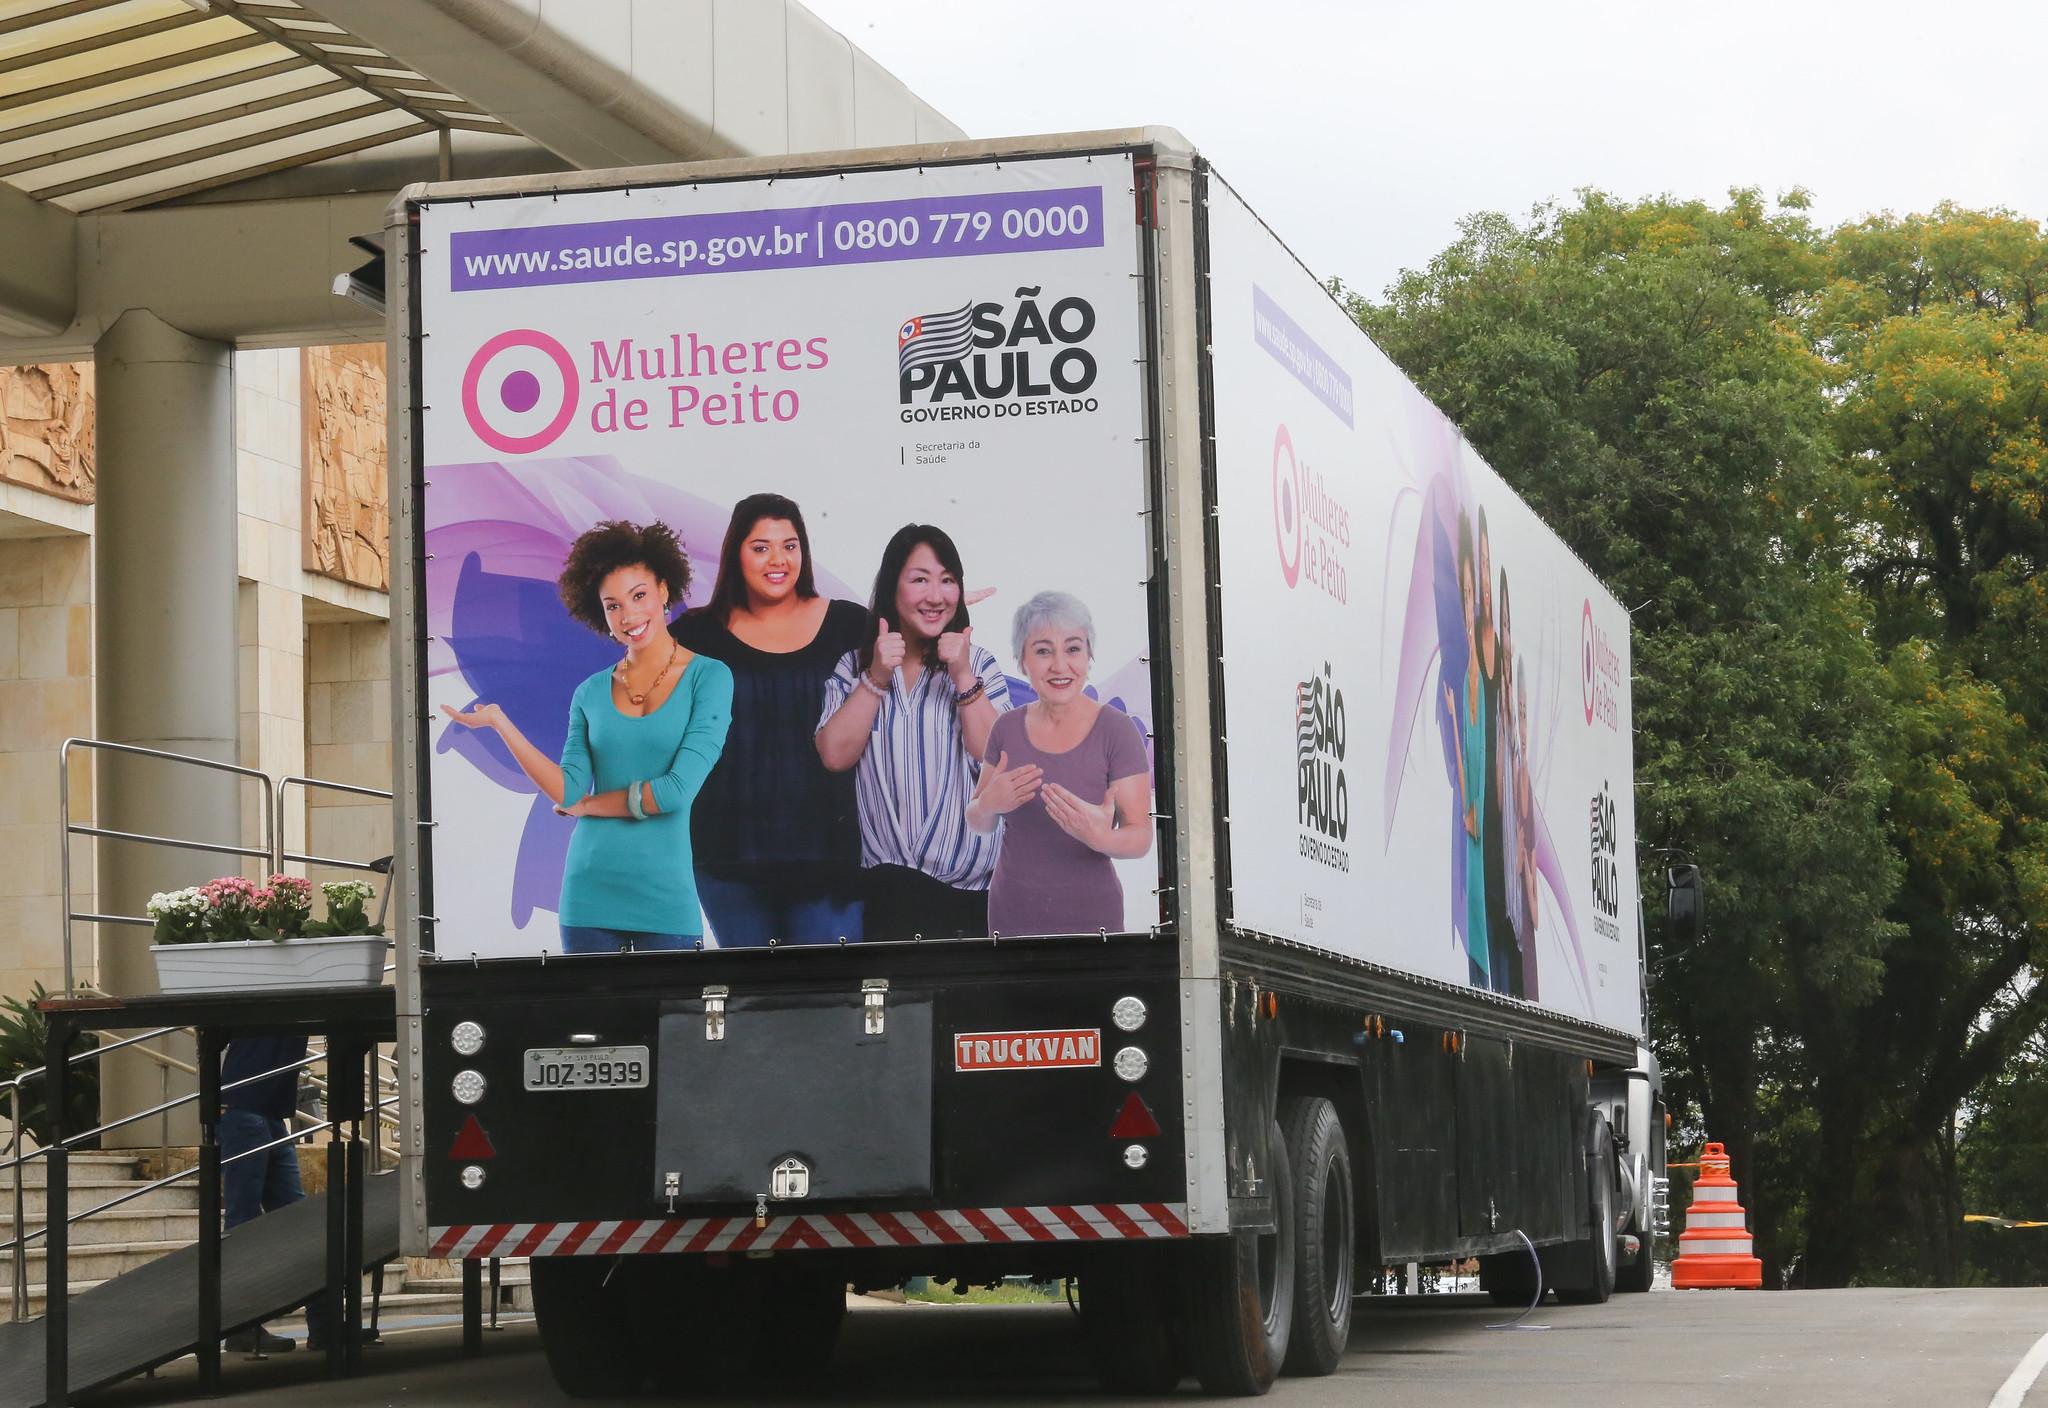 Mulheres de Peito atende em 8 cidades até sábado (21)